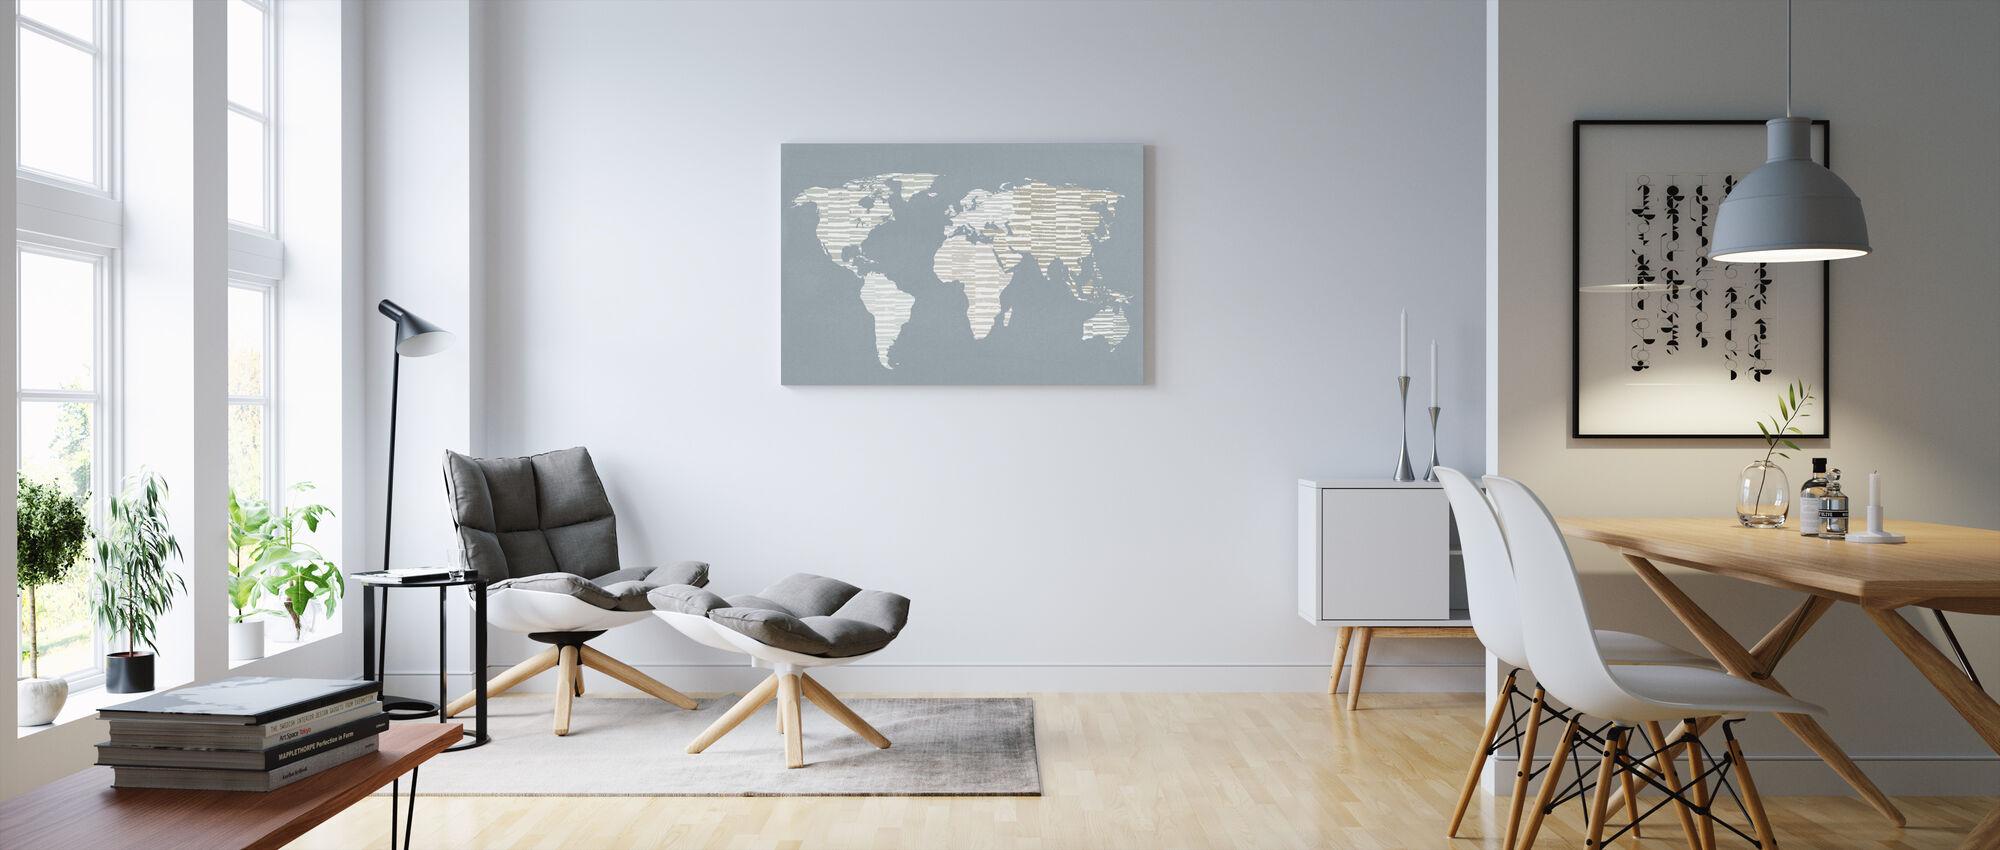 Calm World Kartta - Canvastaulu - Olohuone